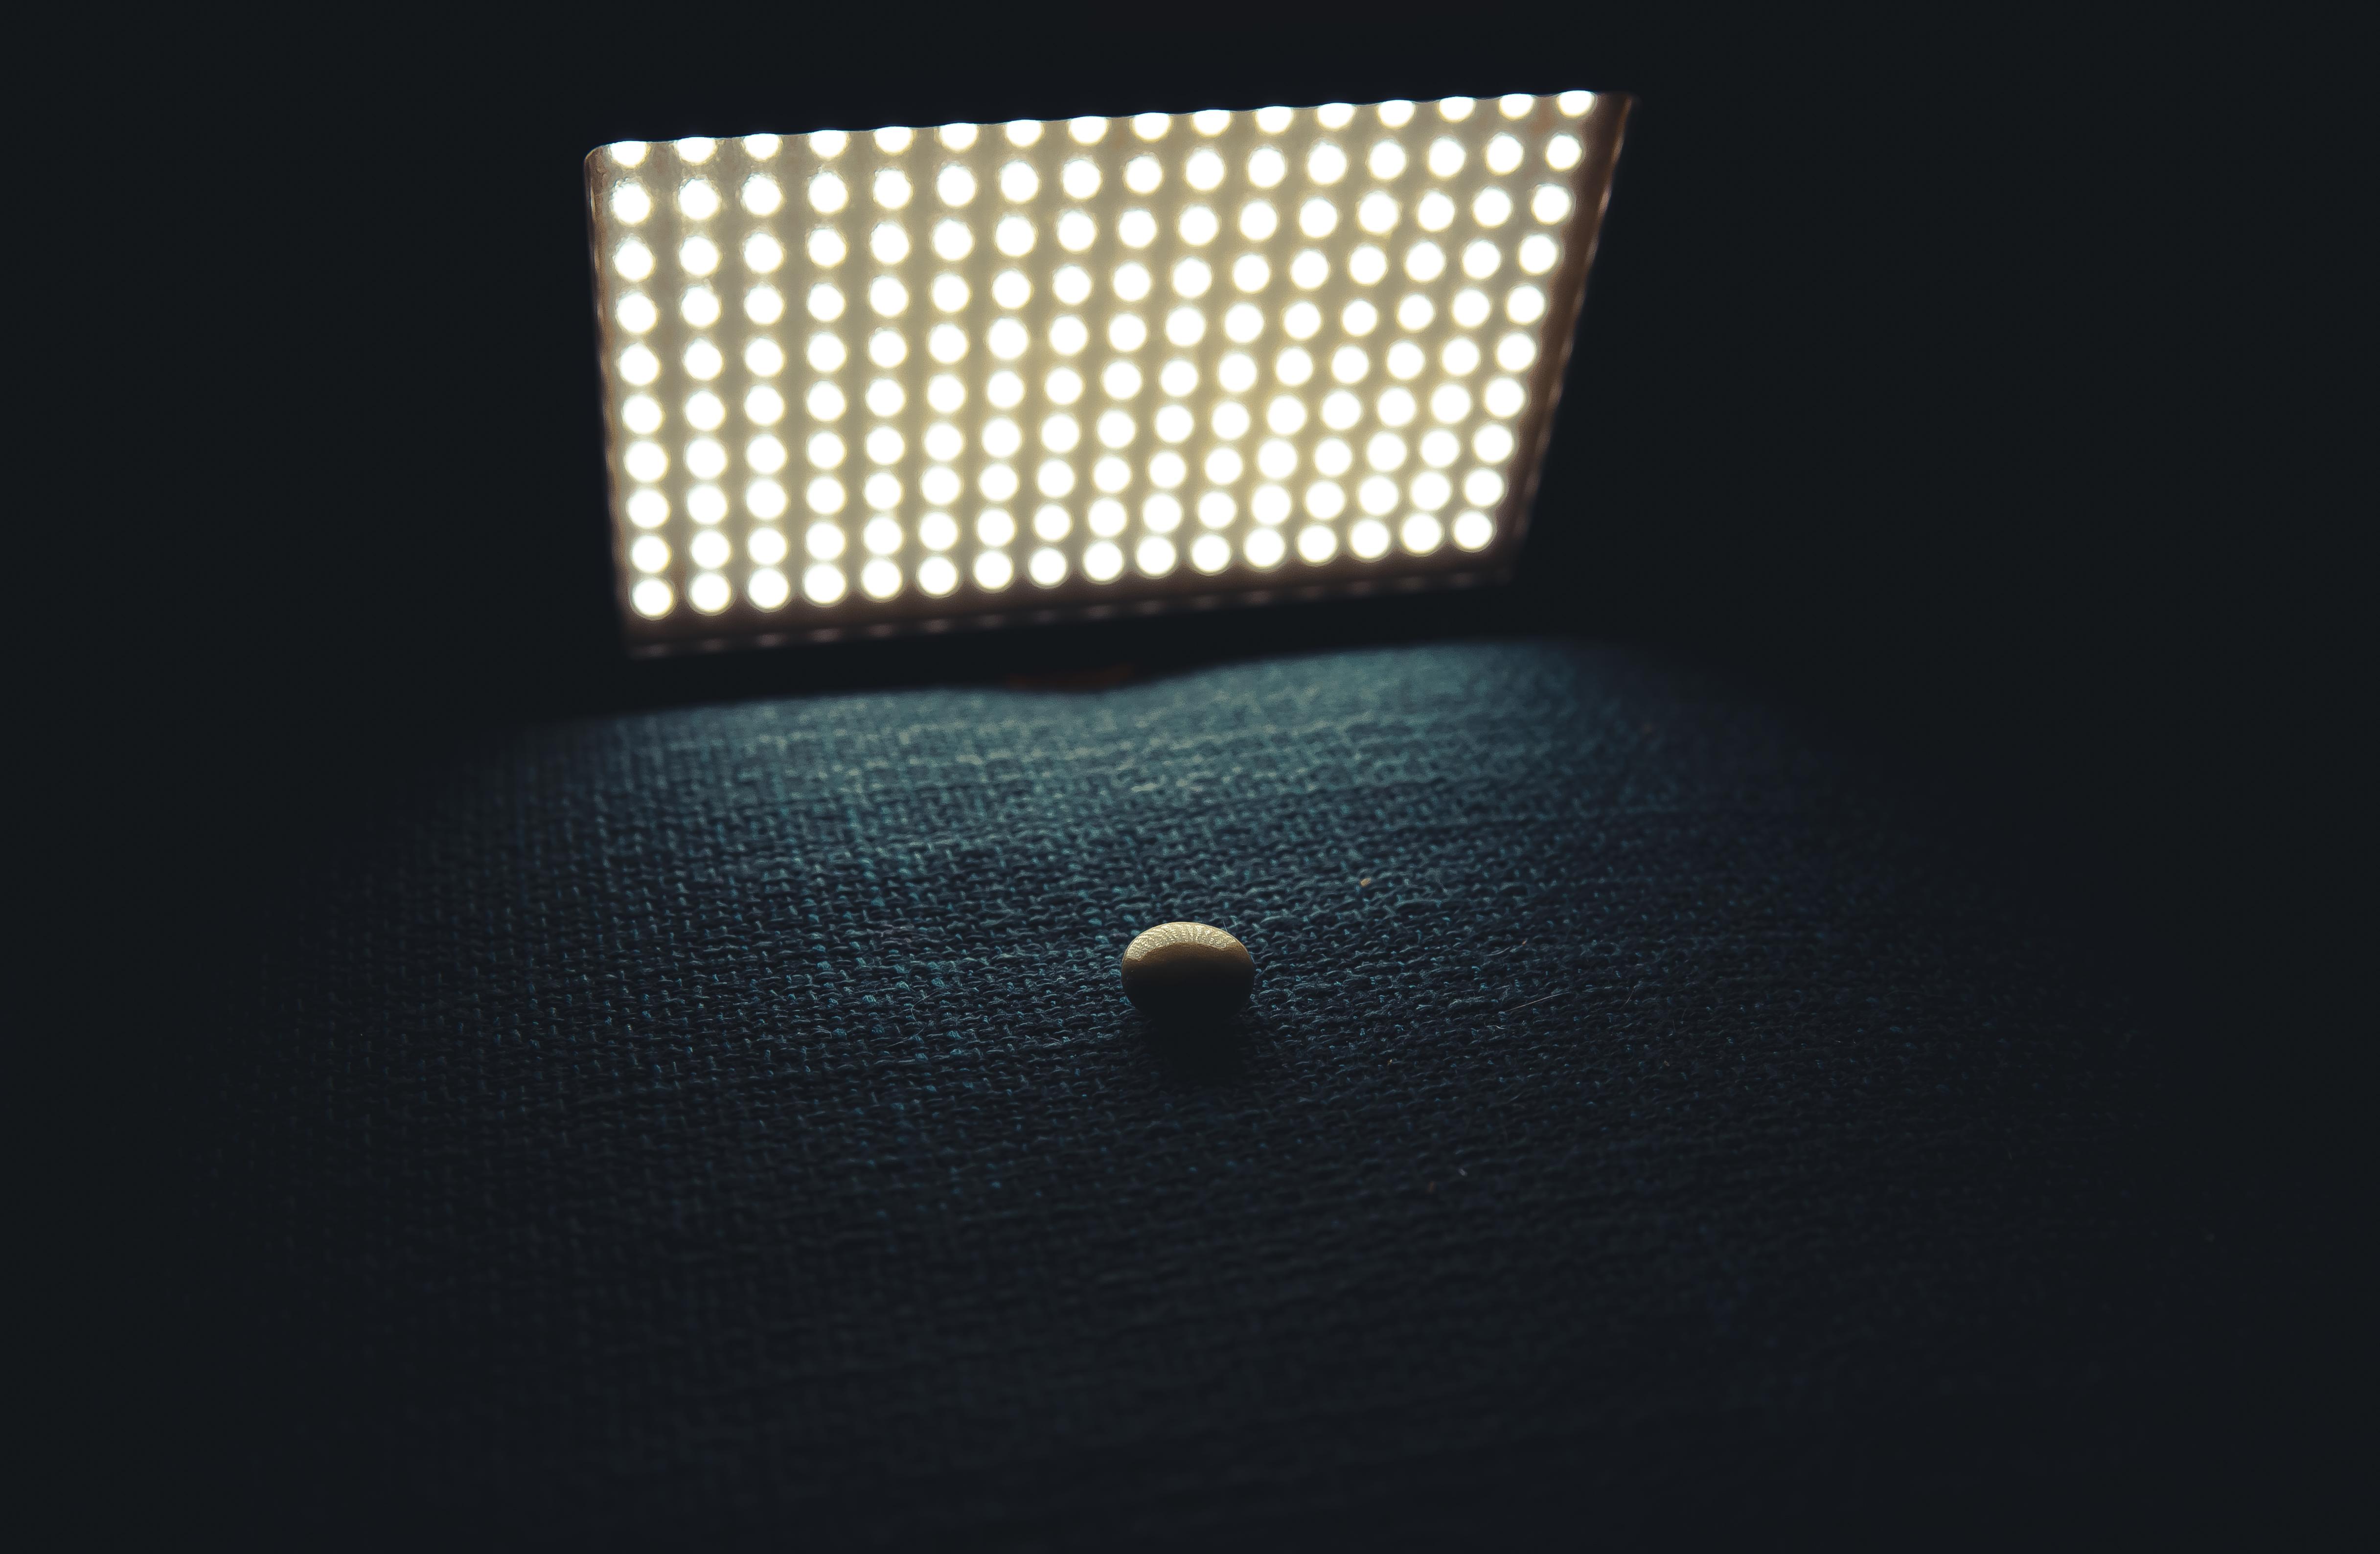 Weird pill